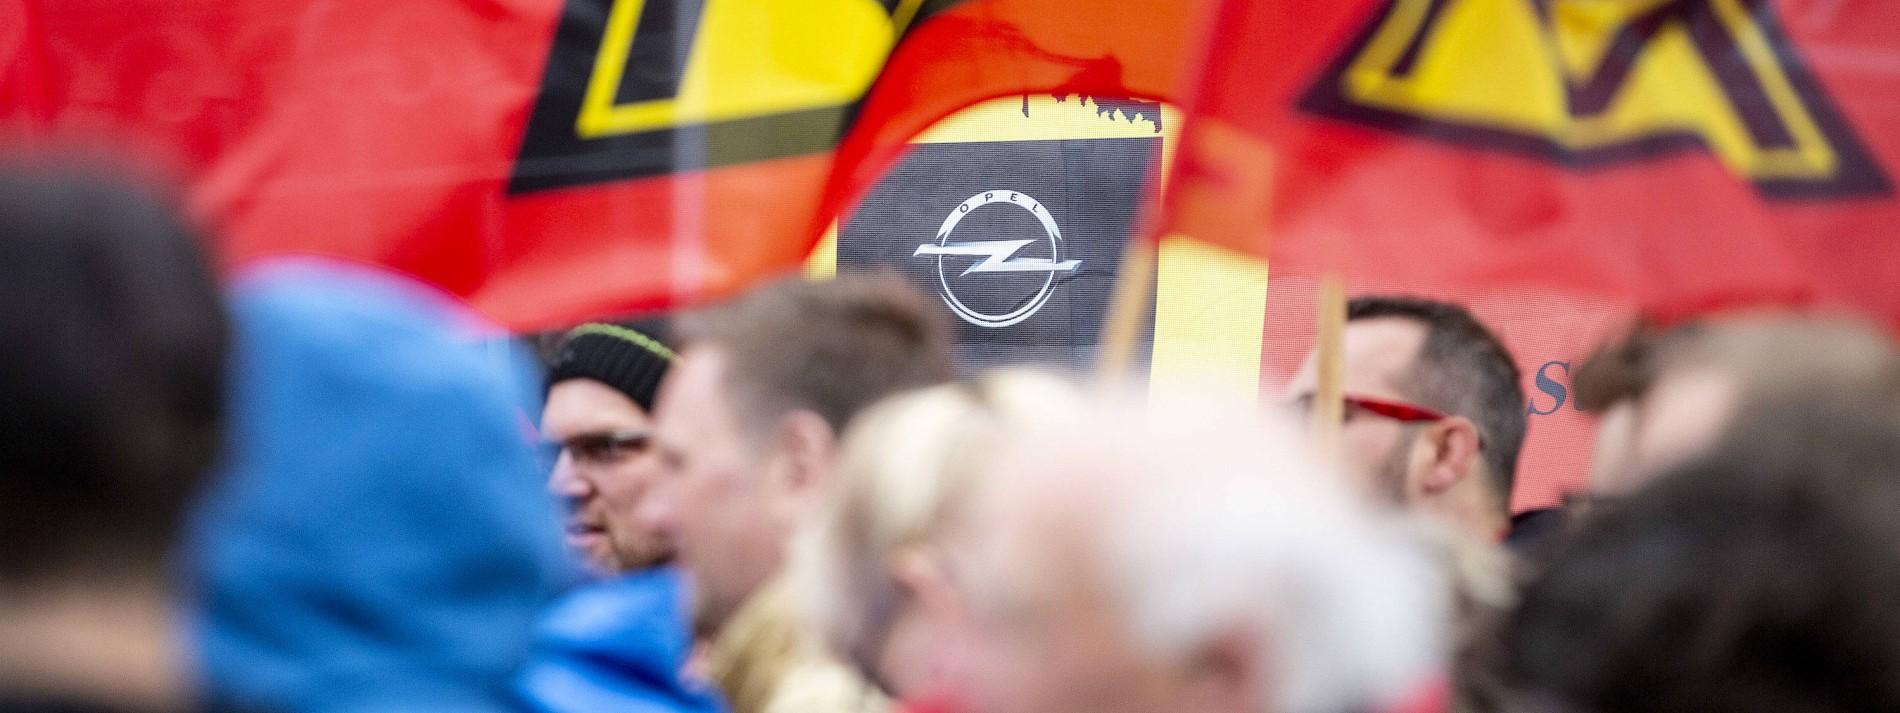 IG Metall kritisiert Opel-Mutter Stellantis